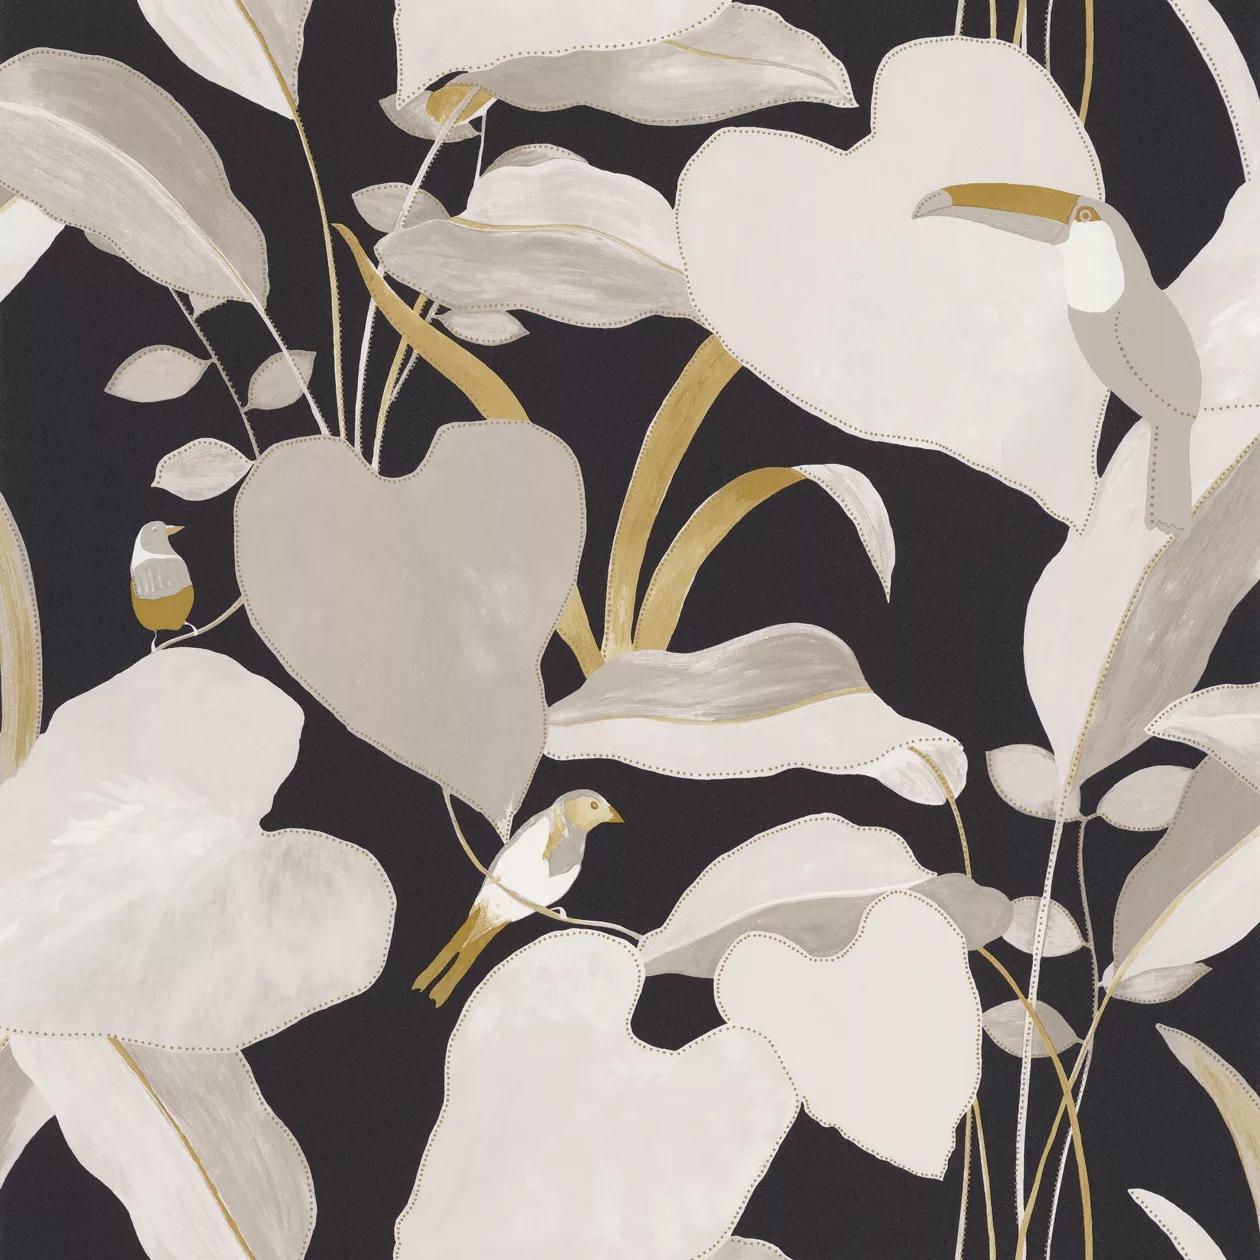 Fekete bézs levél és tukán madár mintás vlies design tapéta